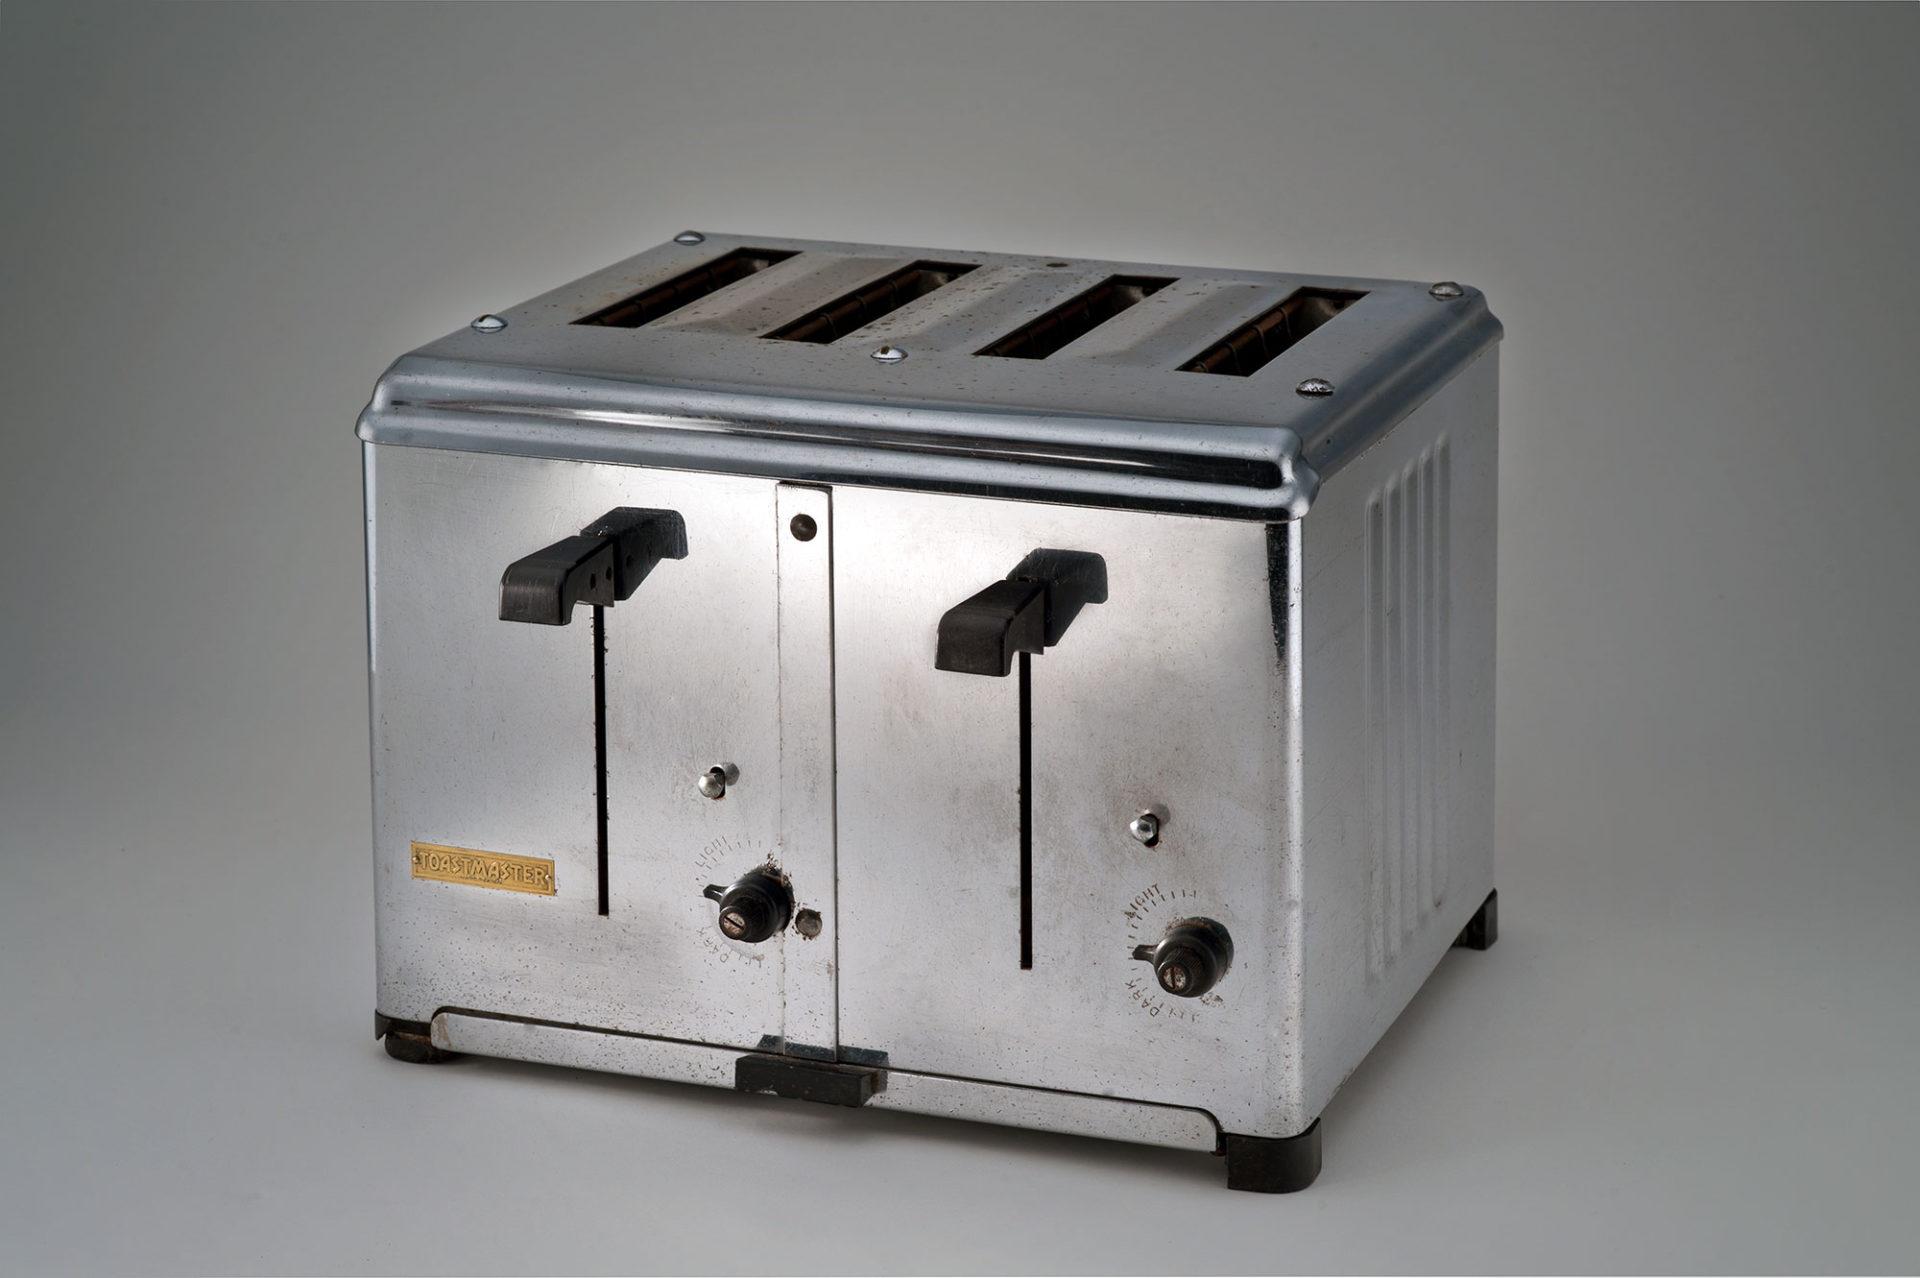 Grille-pain carré en métal lustré à quatre fentes. Sur le devant : deux leviers et deux boutons de réglage en plastique noir.